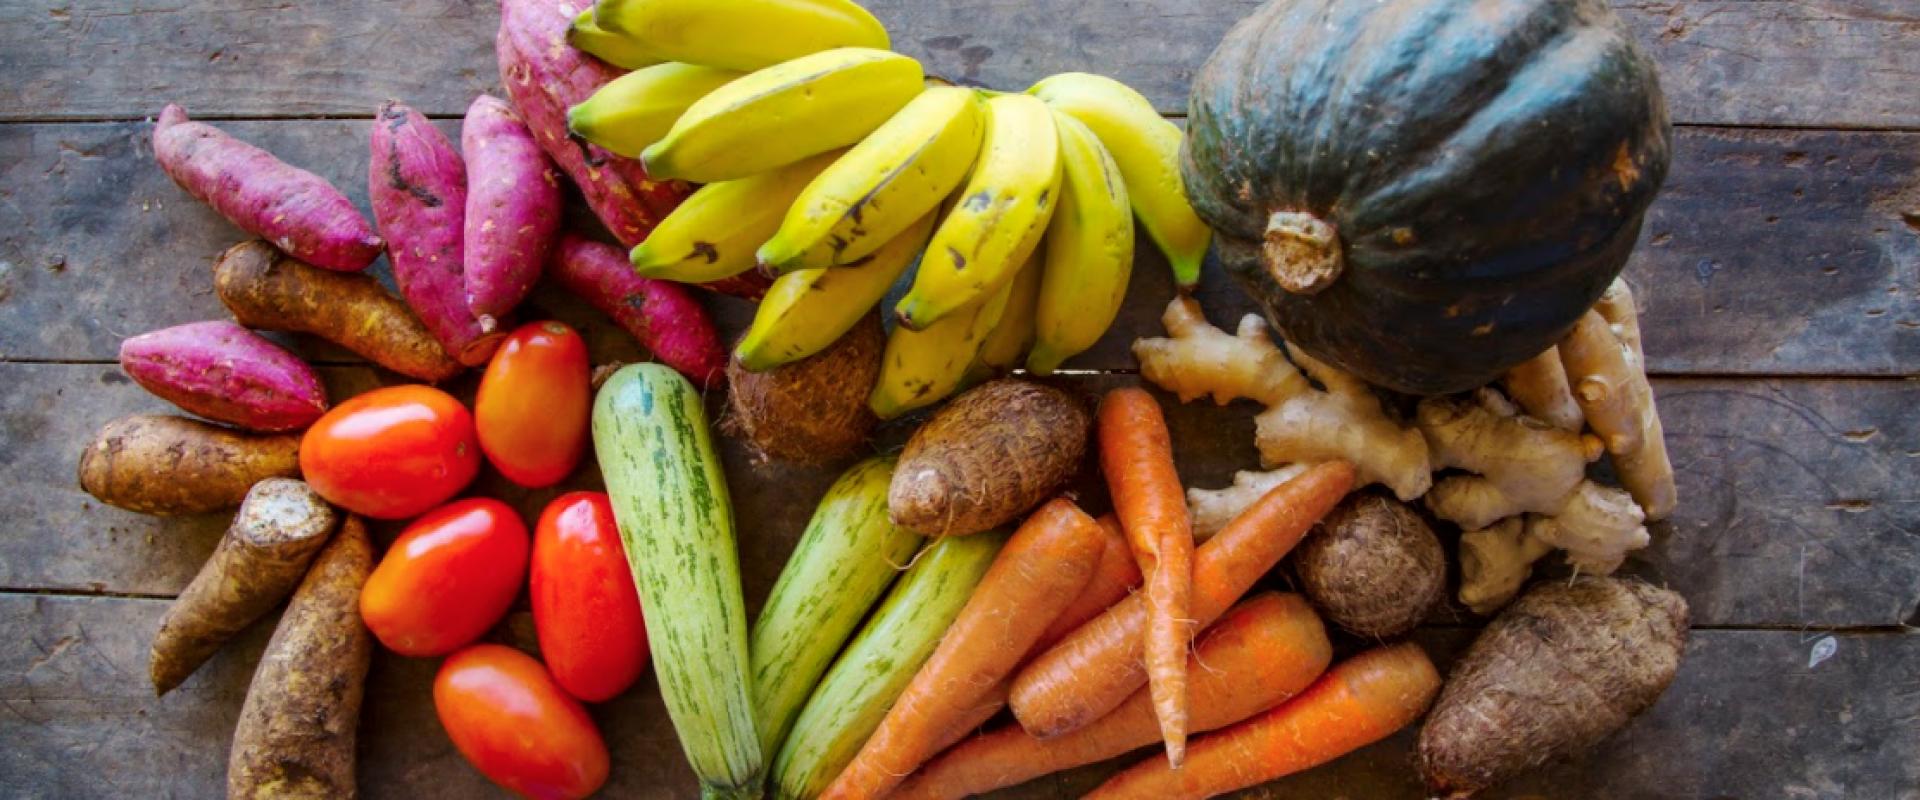 Hortaliças orgânicas que são ingredientes na cozinha da Orgânico Gourmet